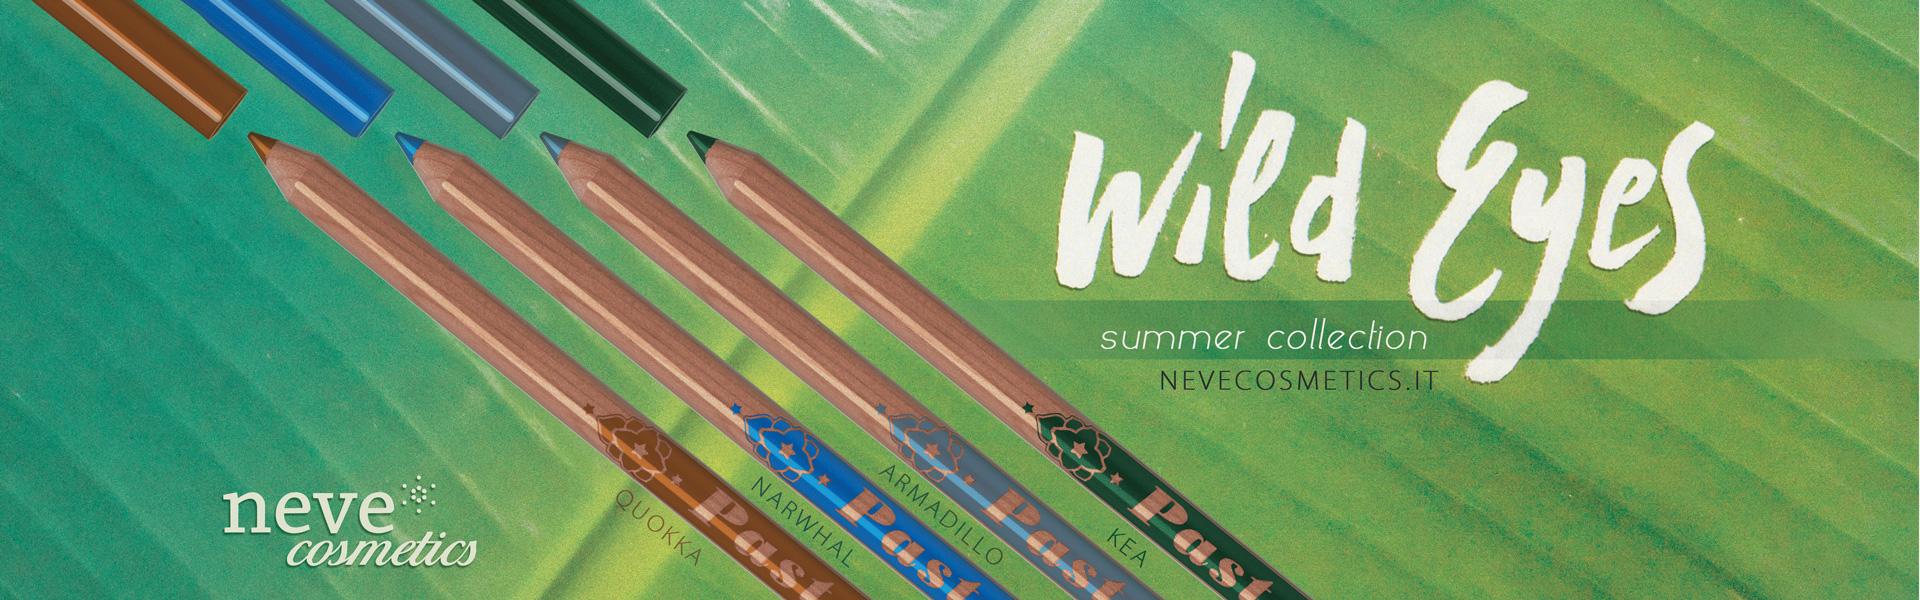 Wild Eyes: la nuova collezione Neve Cosmetics